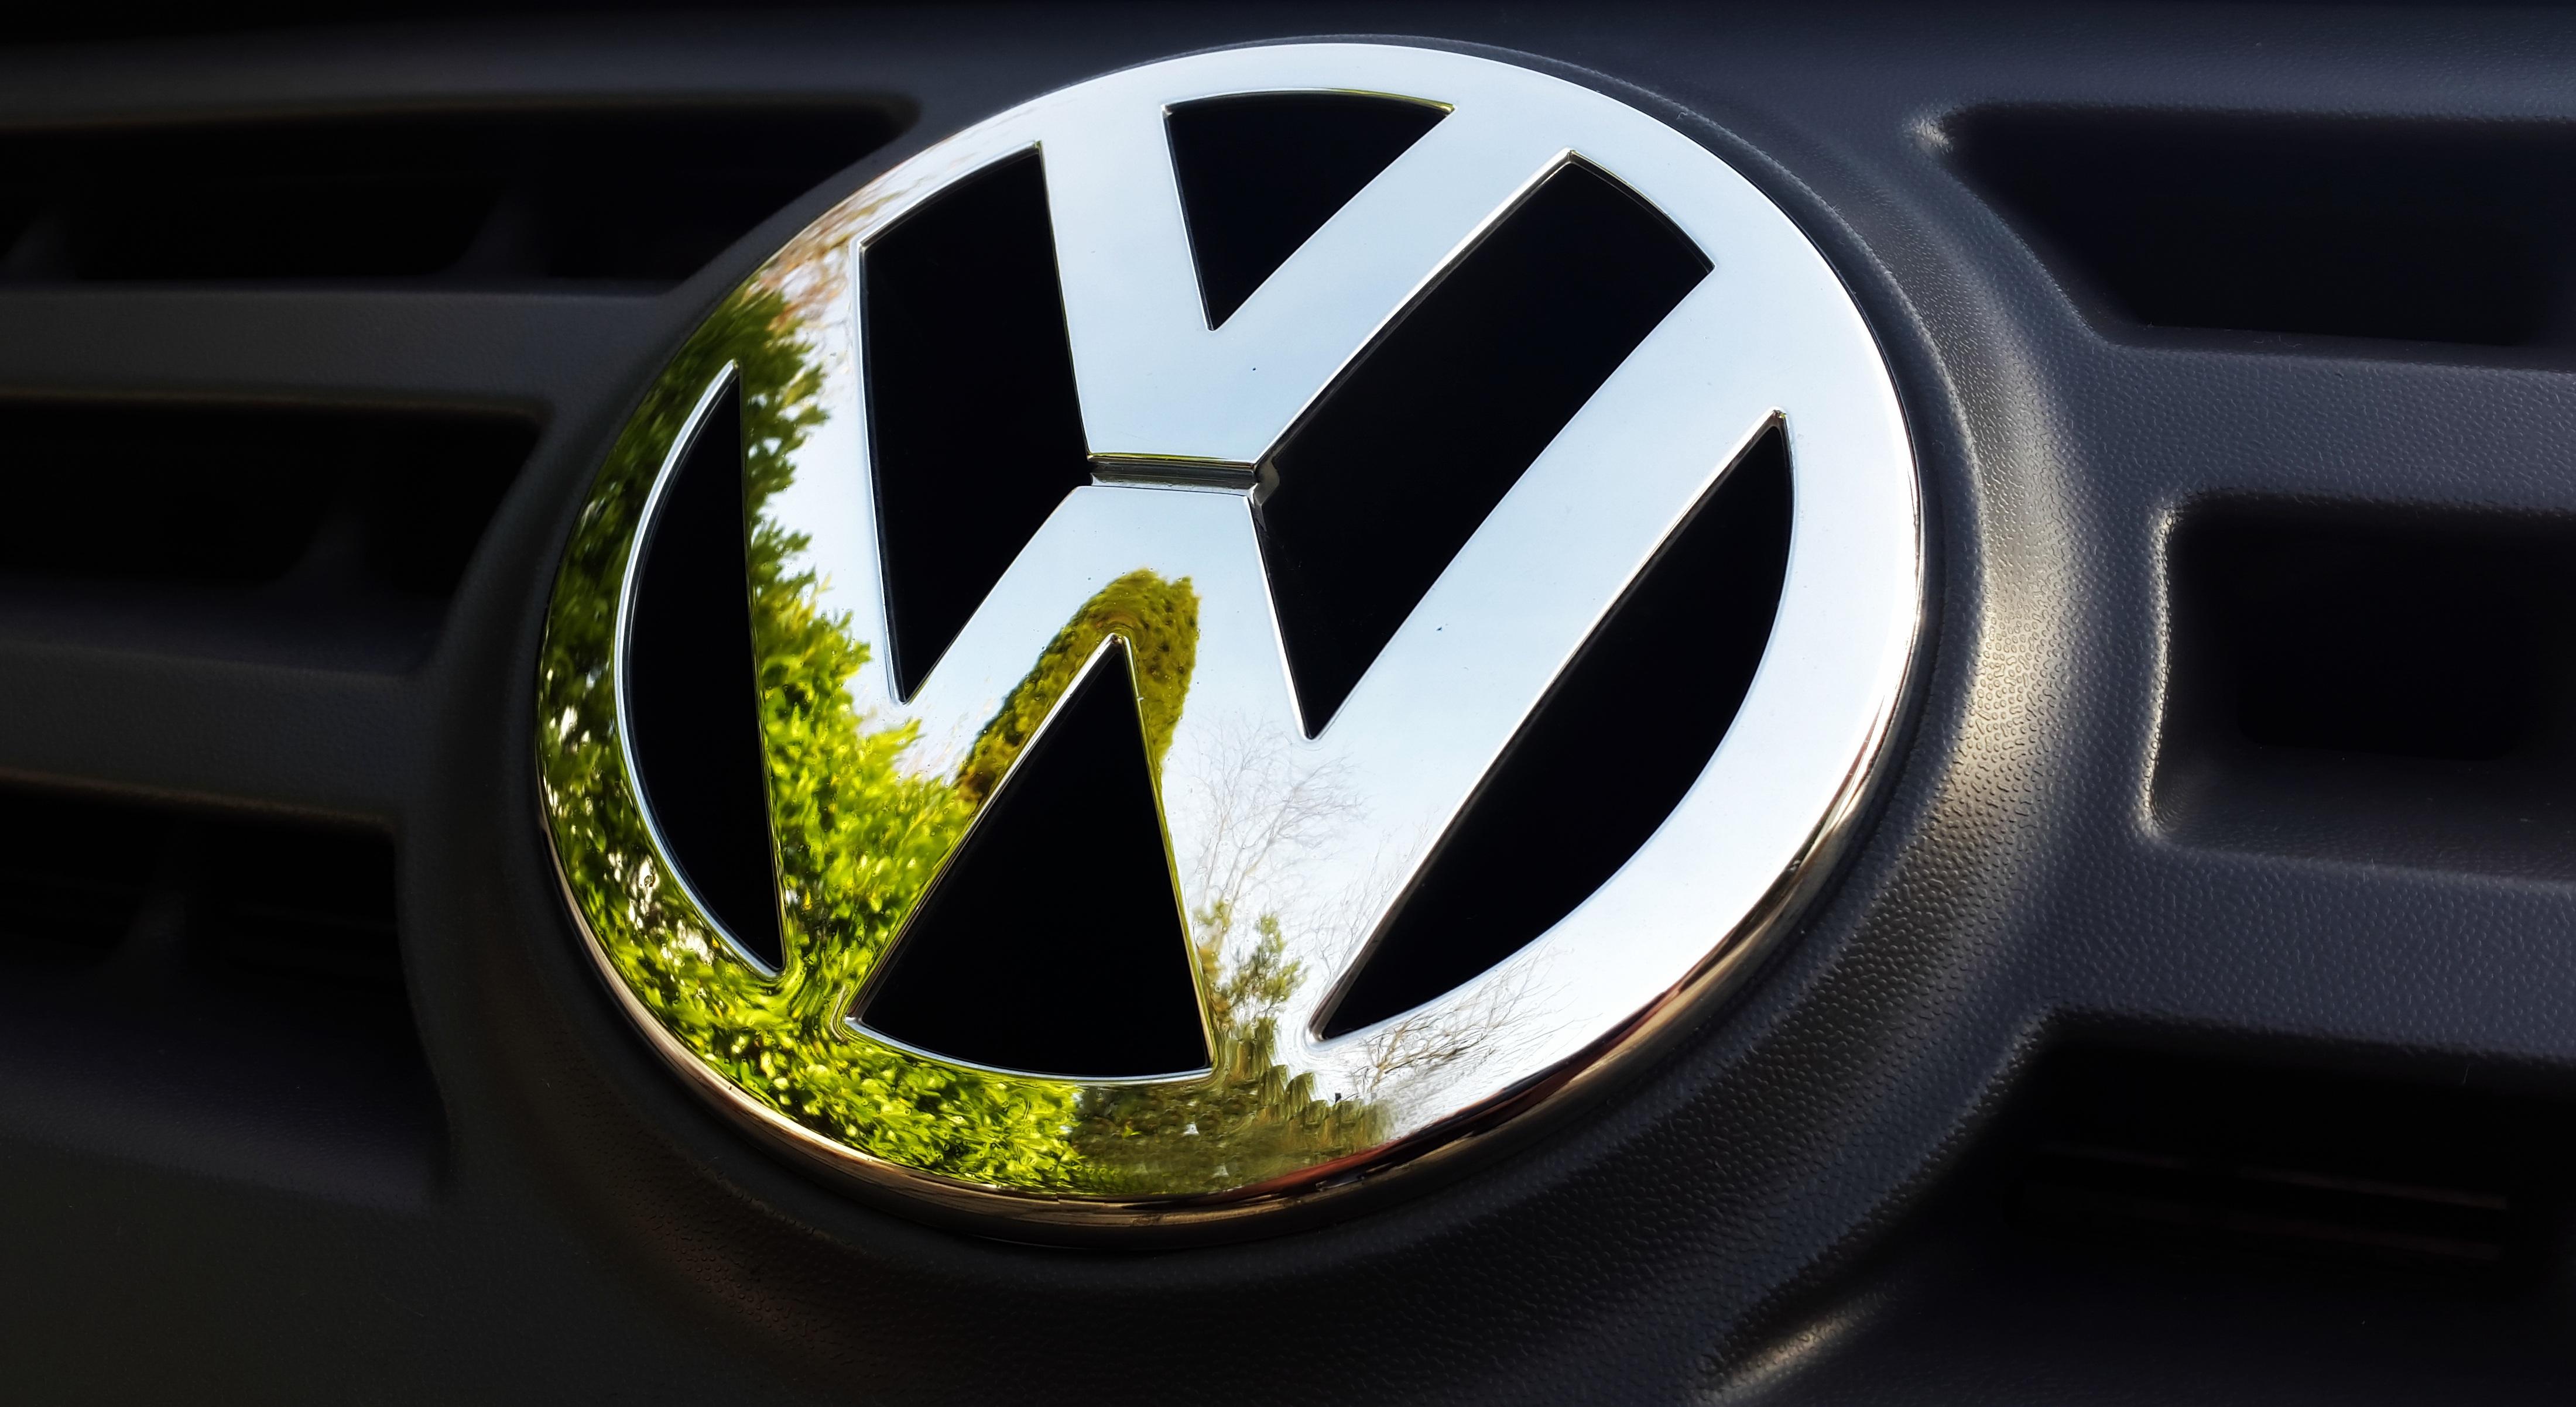 Free Images Vw Volkswagen Auto Steering Wheel Bumper